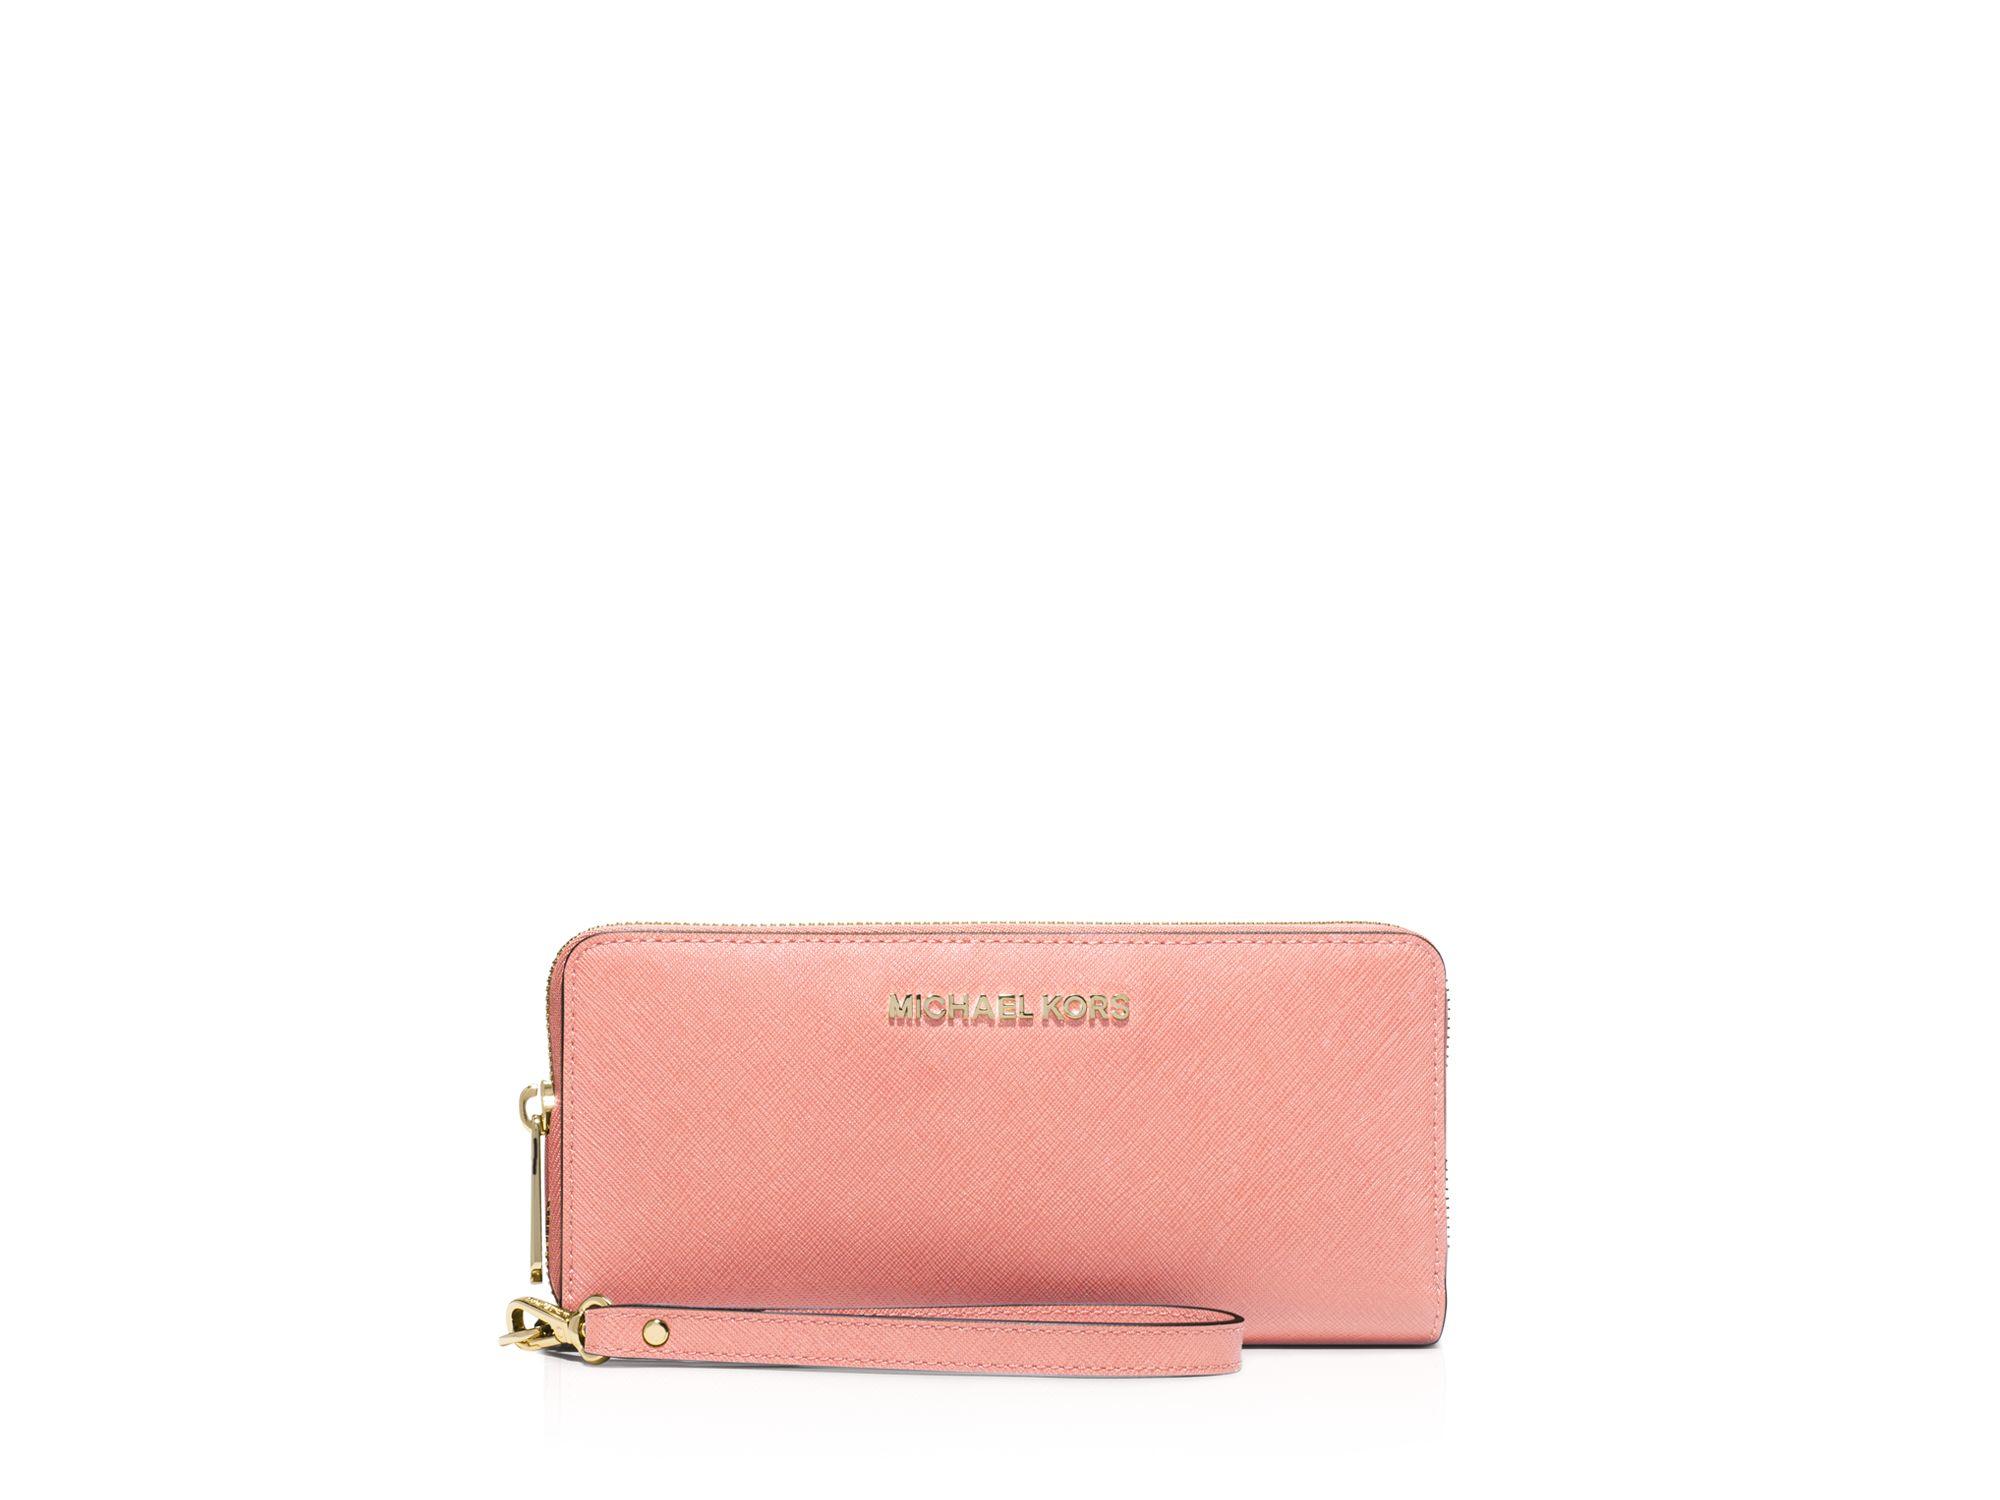 Kate Spade Travel Wallet Uk